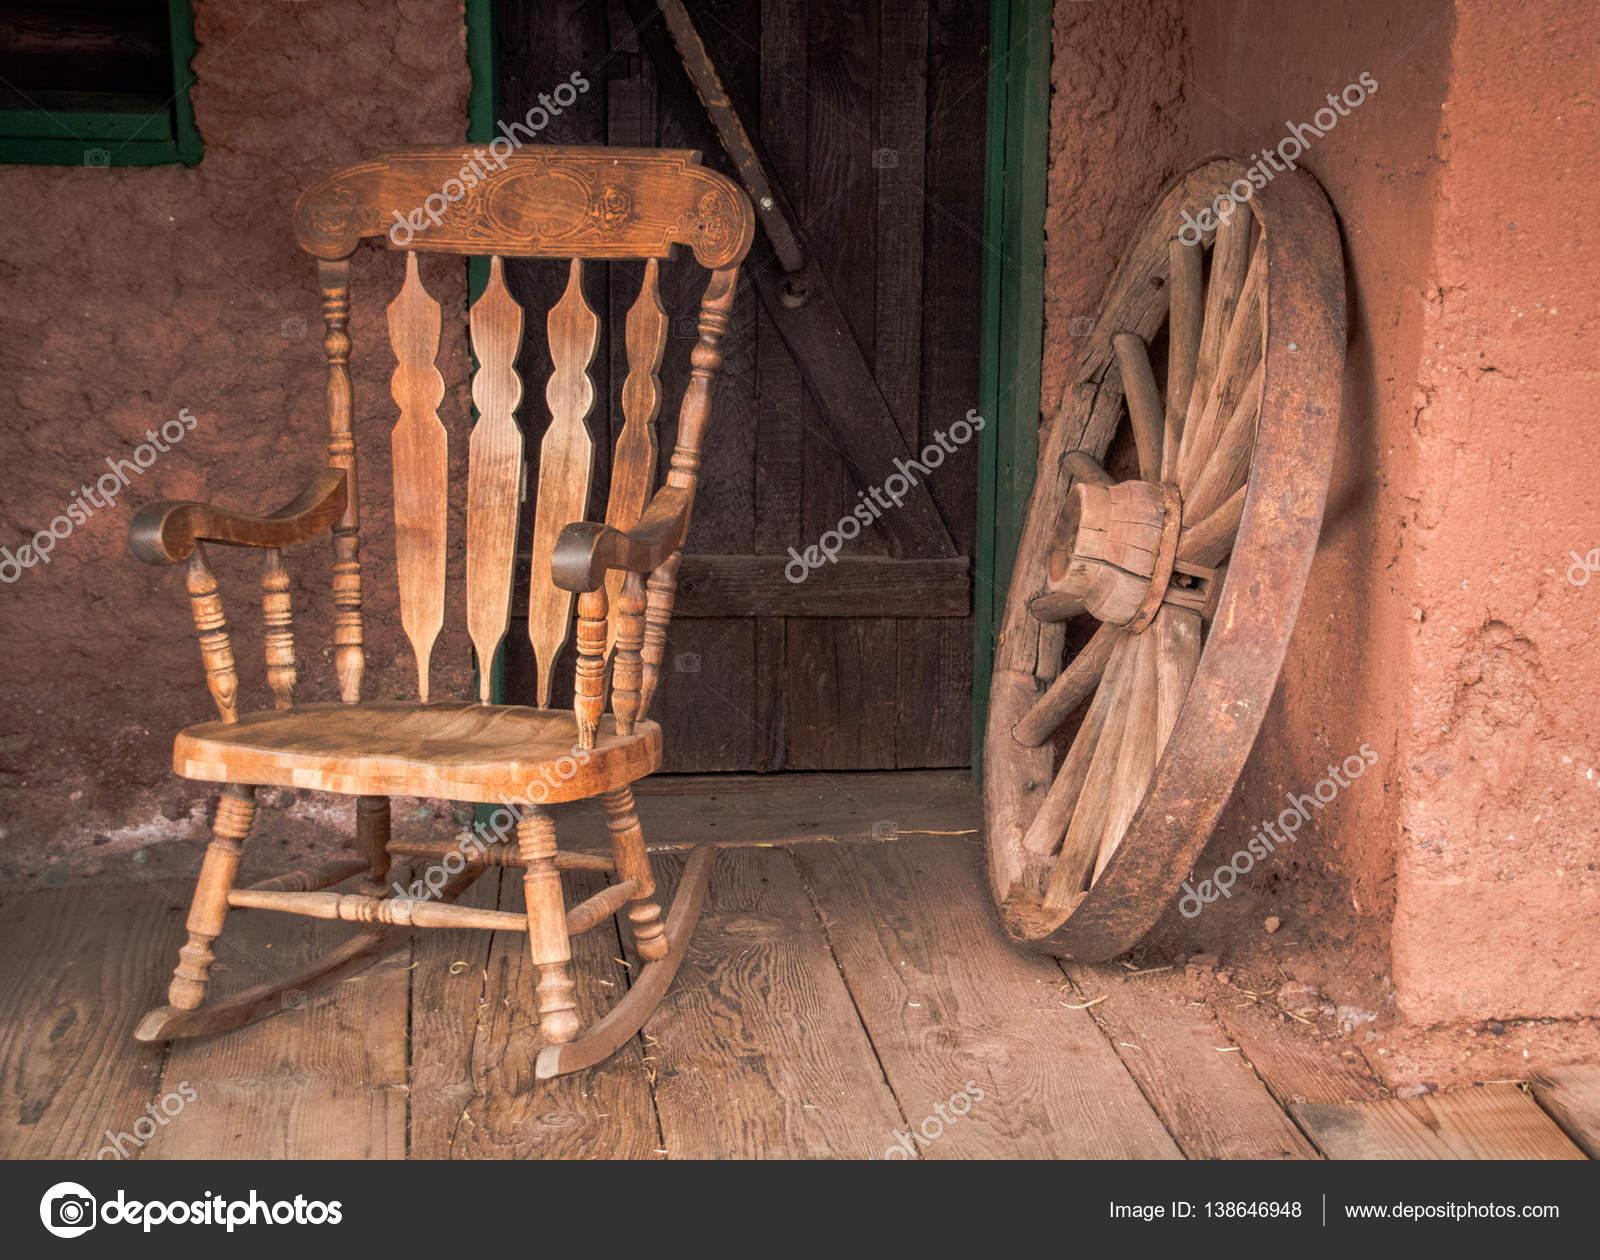 Oude Schommelstoel Te Koop.Schommelstoel En Oude Houten Wiel In Calico Ghost Town In Usa